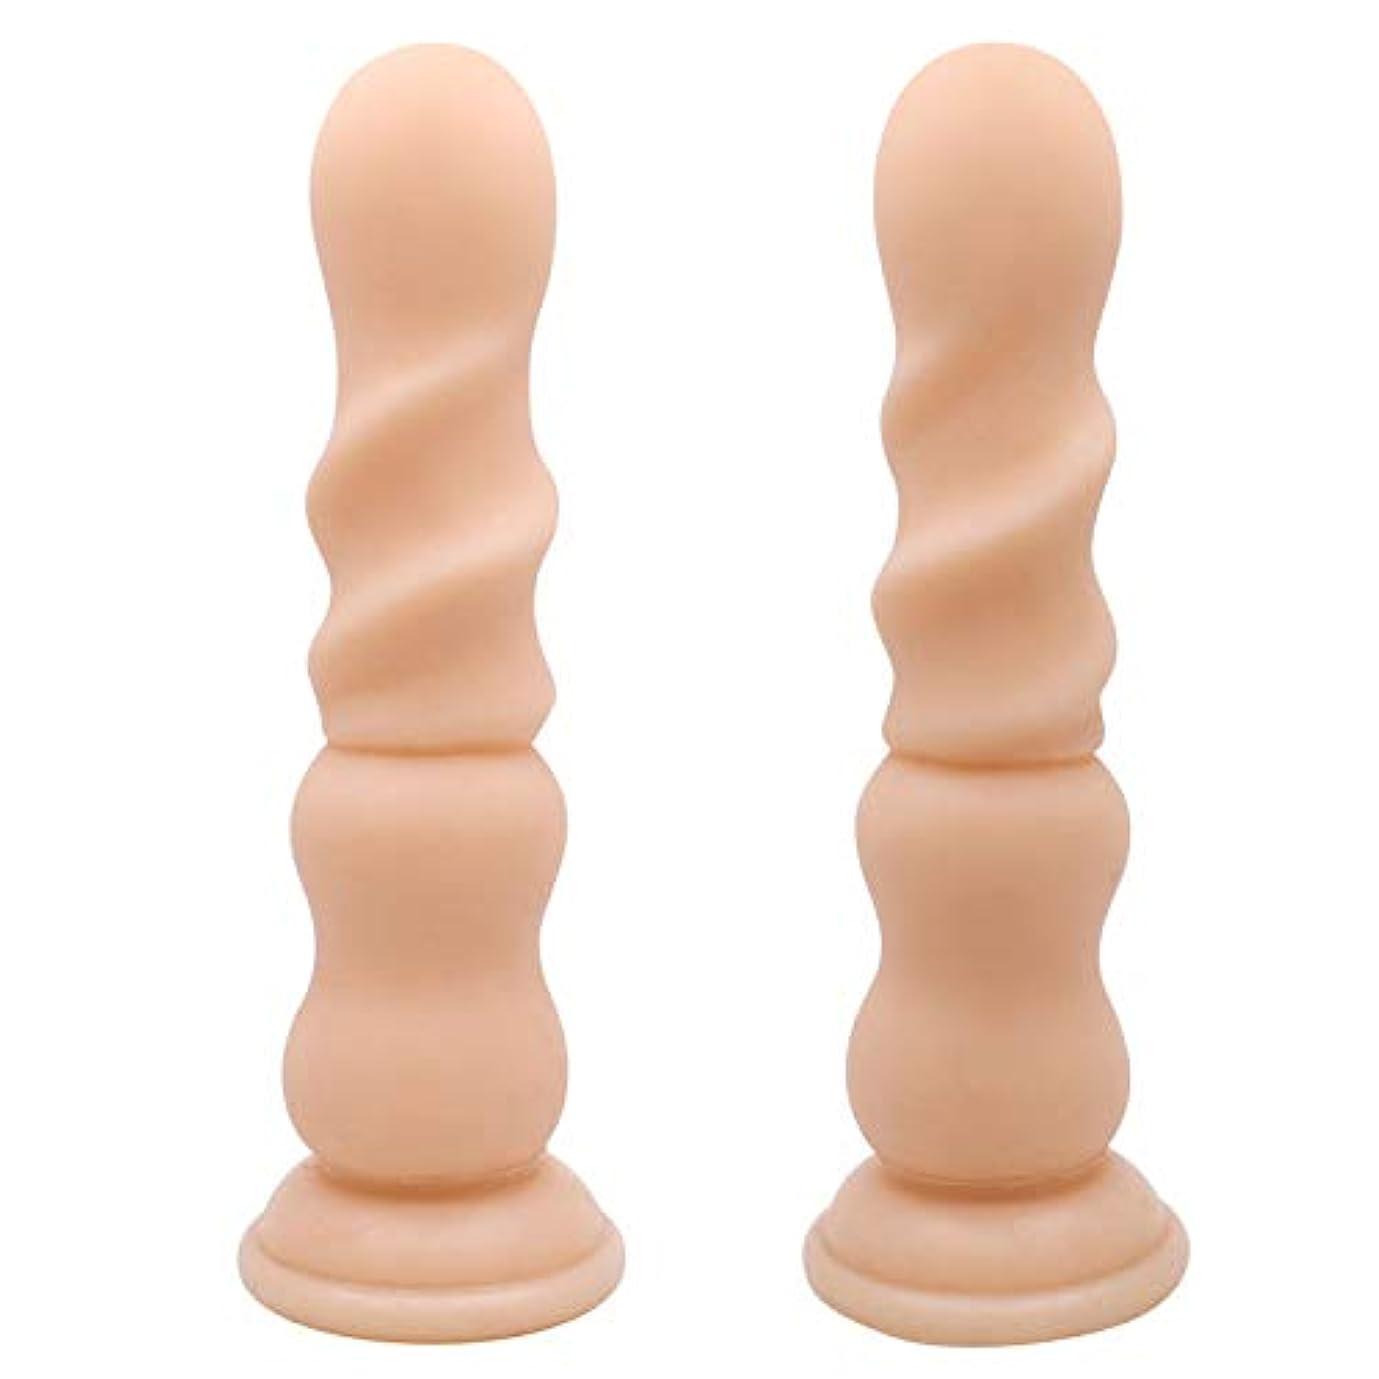 無礼につまらないご注意ディルド、シリコーンシミュレーションペニススレッドアナルプラグ女性オナニーマッサージャー防水大人の大人のおもちゃ21センチ